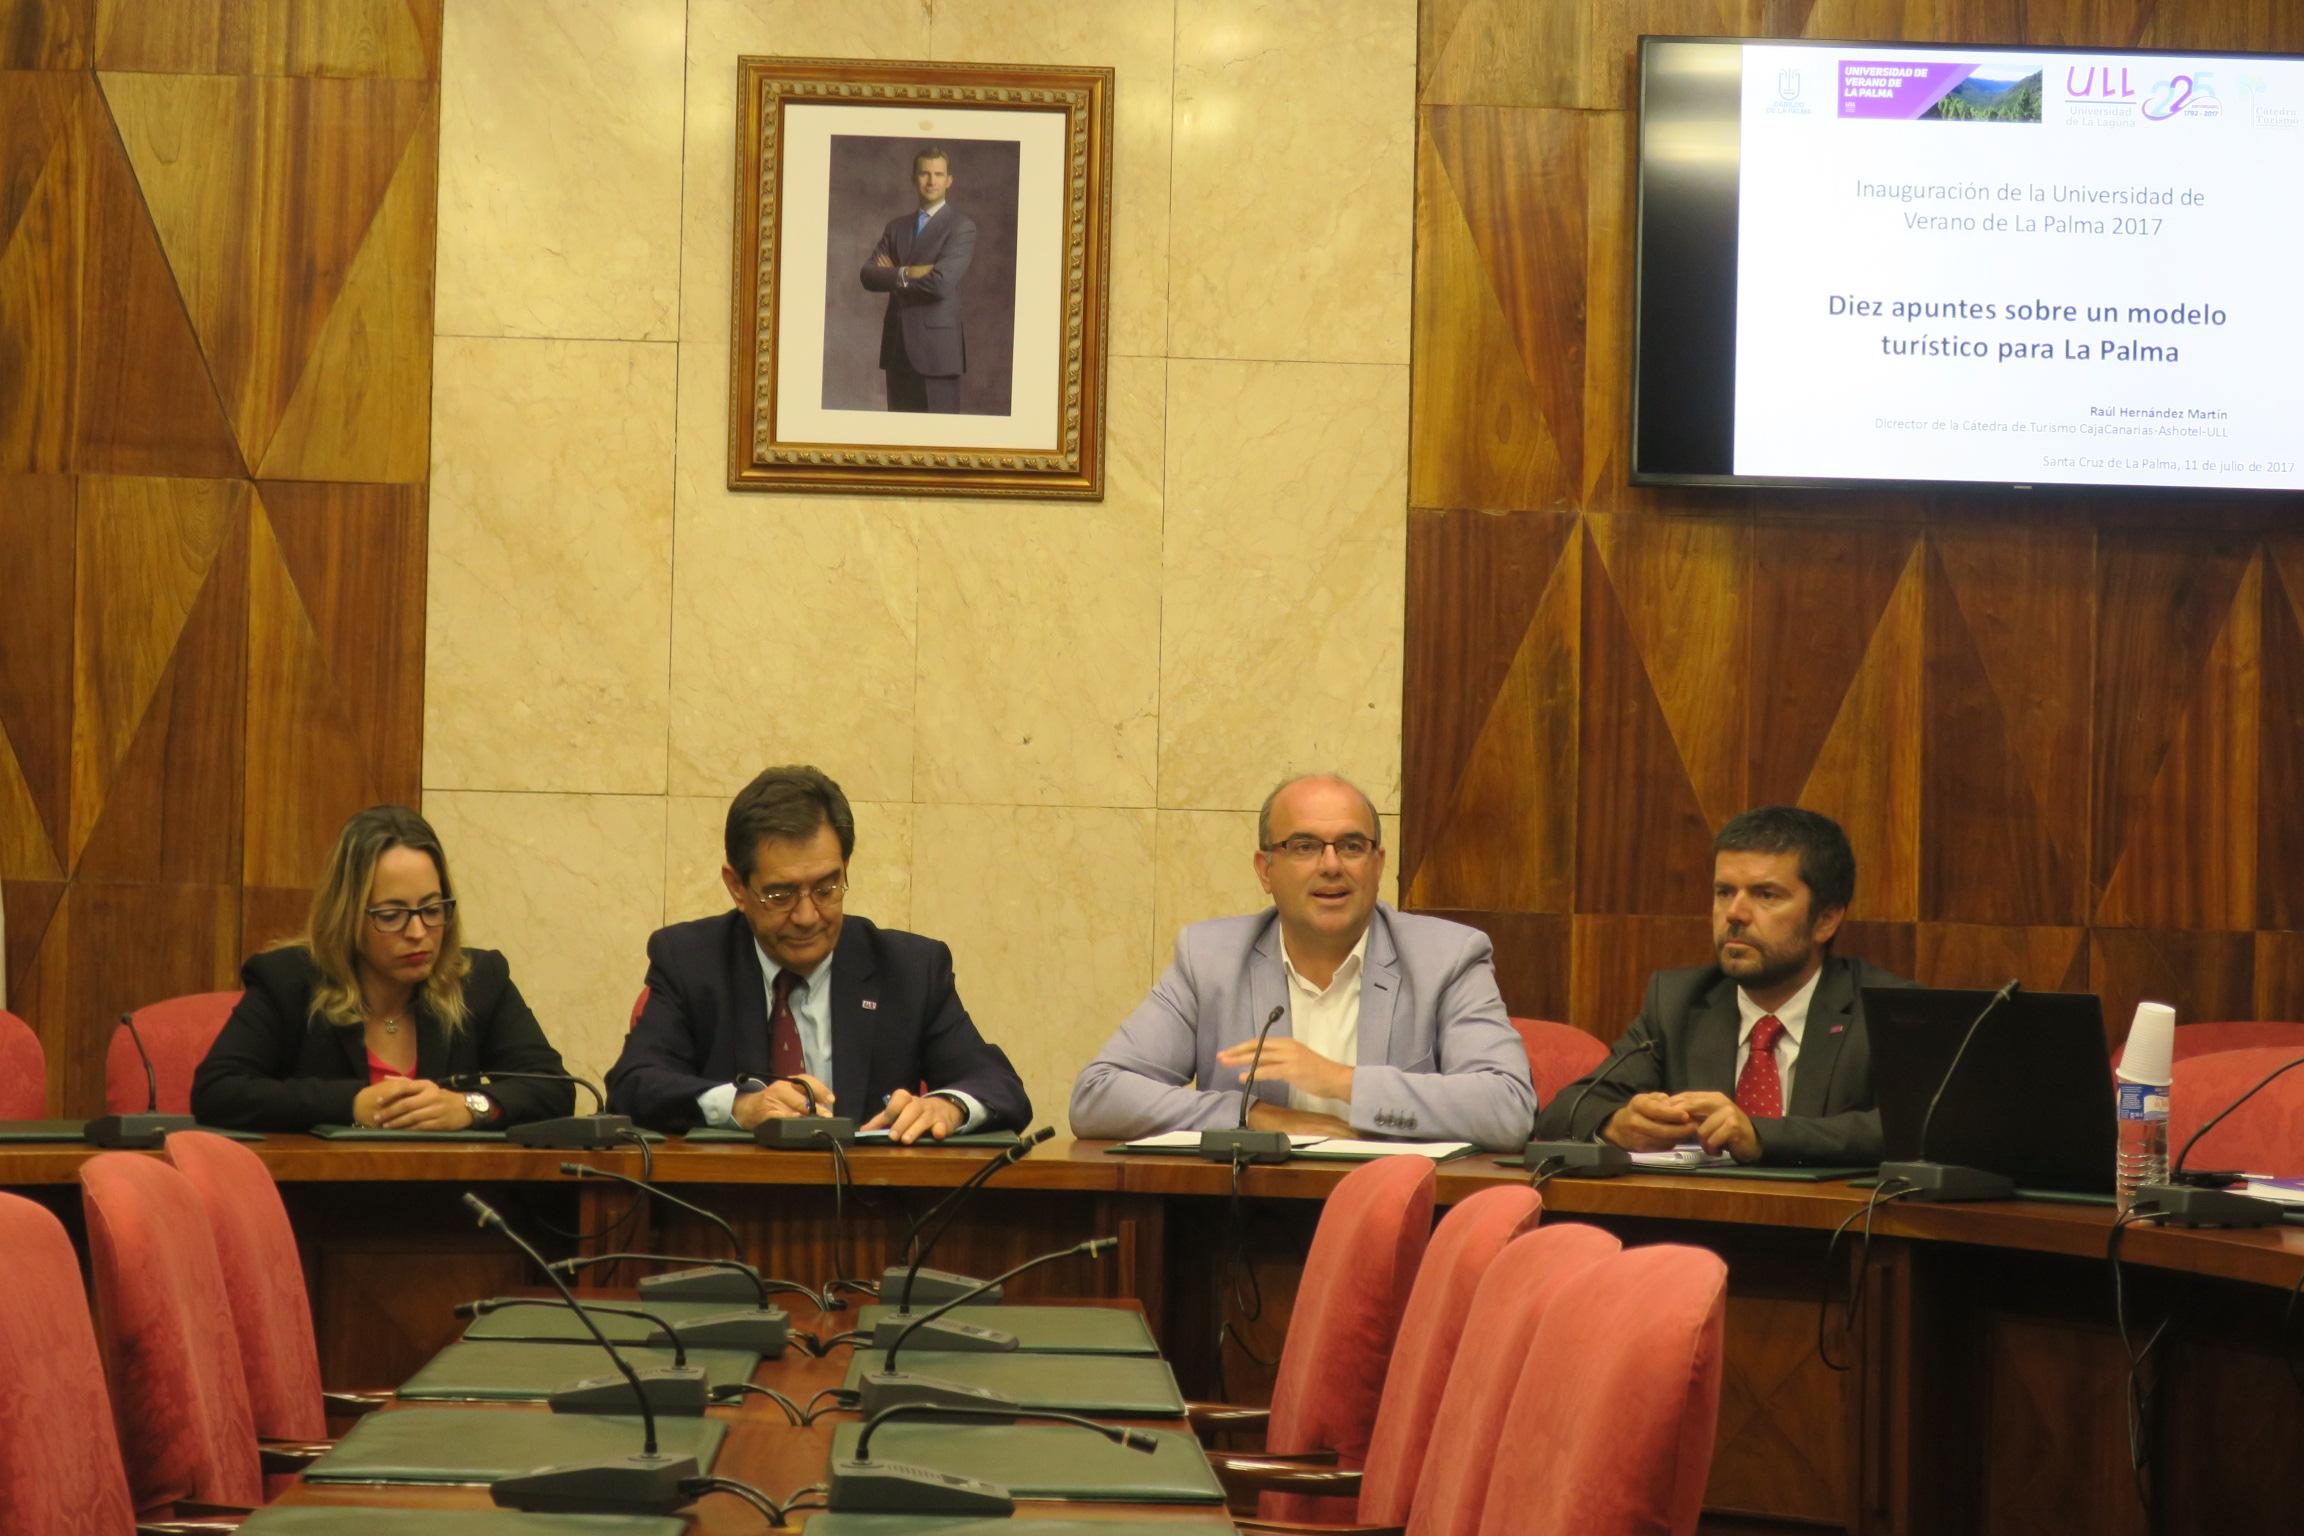 Un momento del acto de apertura de los cursos de la Universidad de Verano.